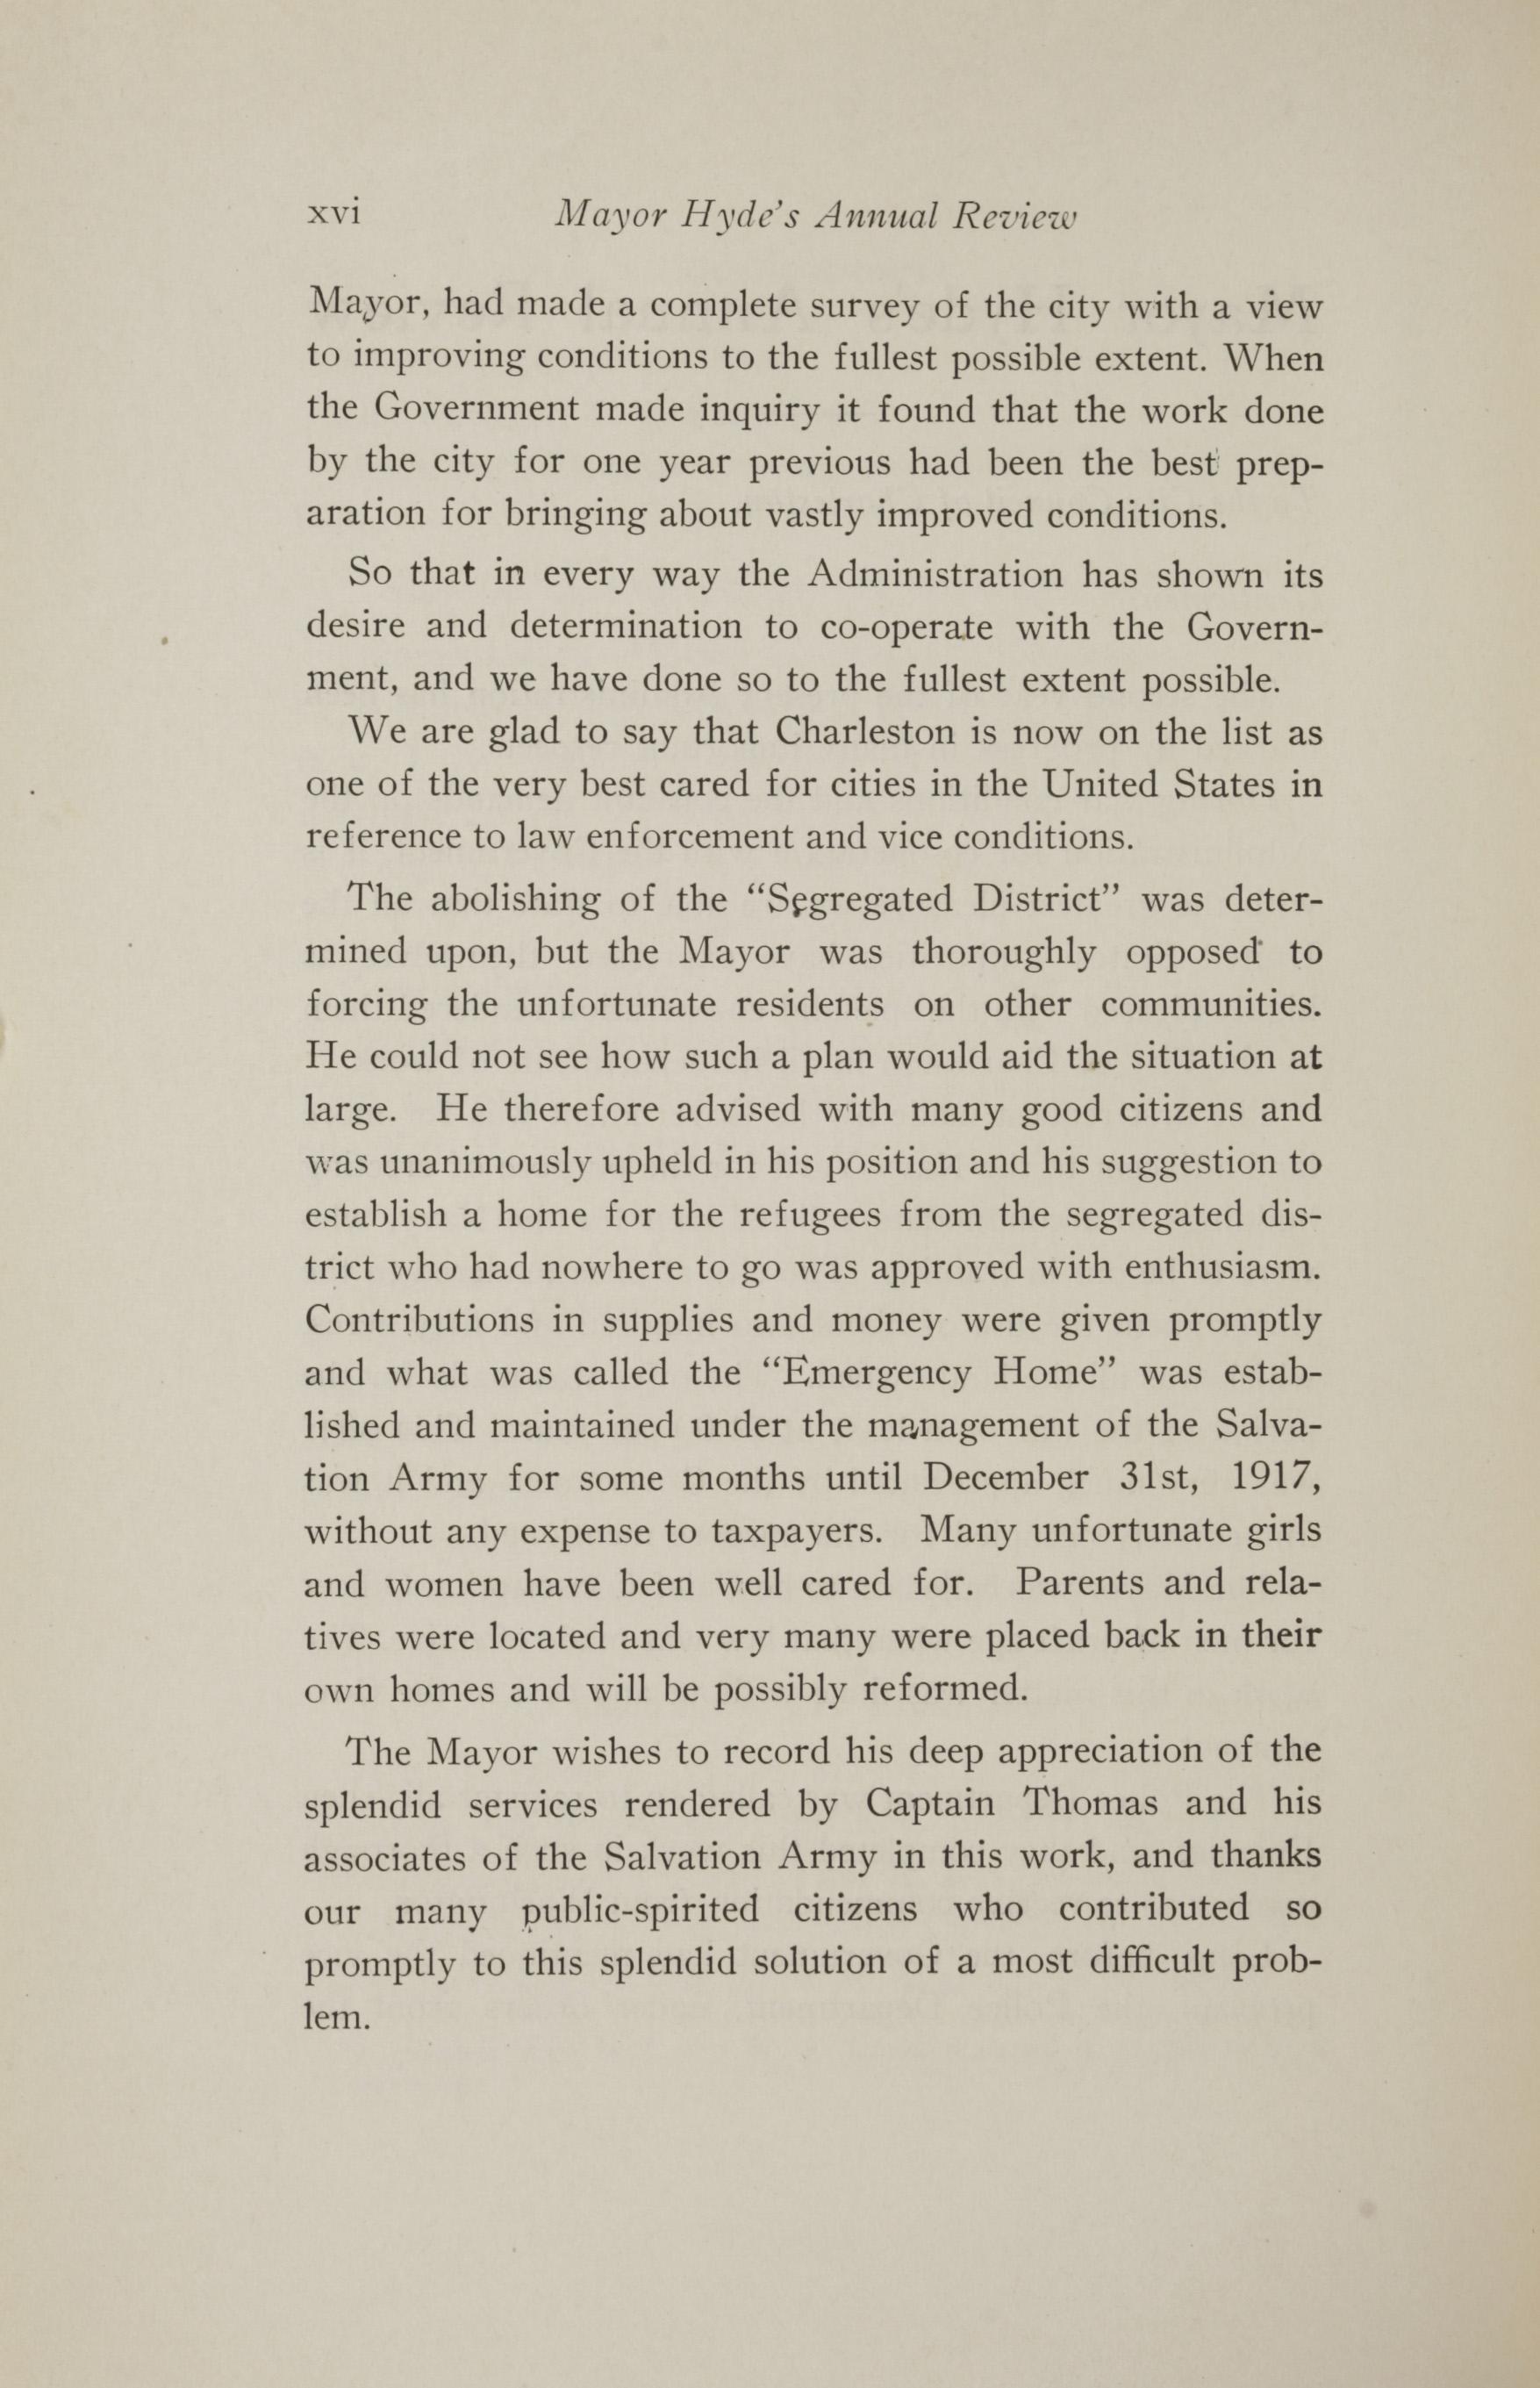 Charleston Yearbook, 1917, page xvi